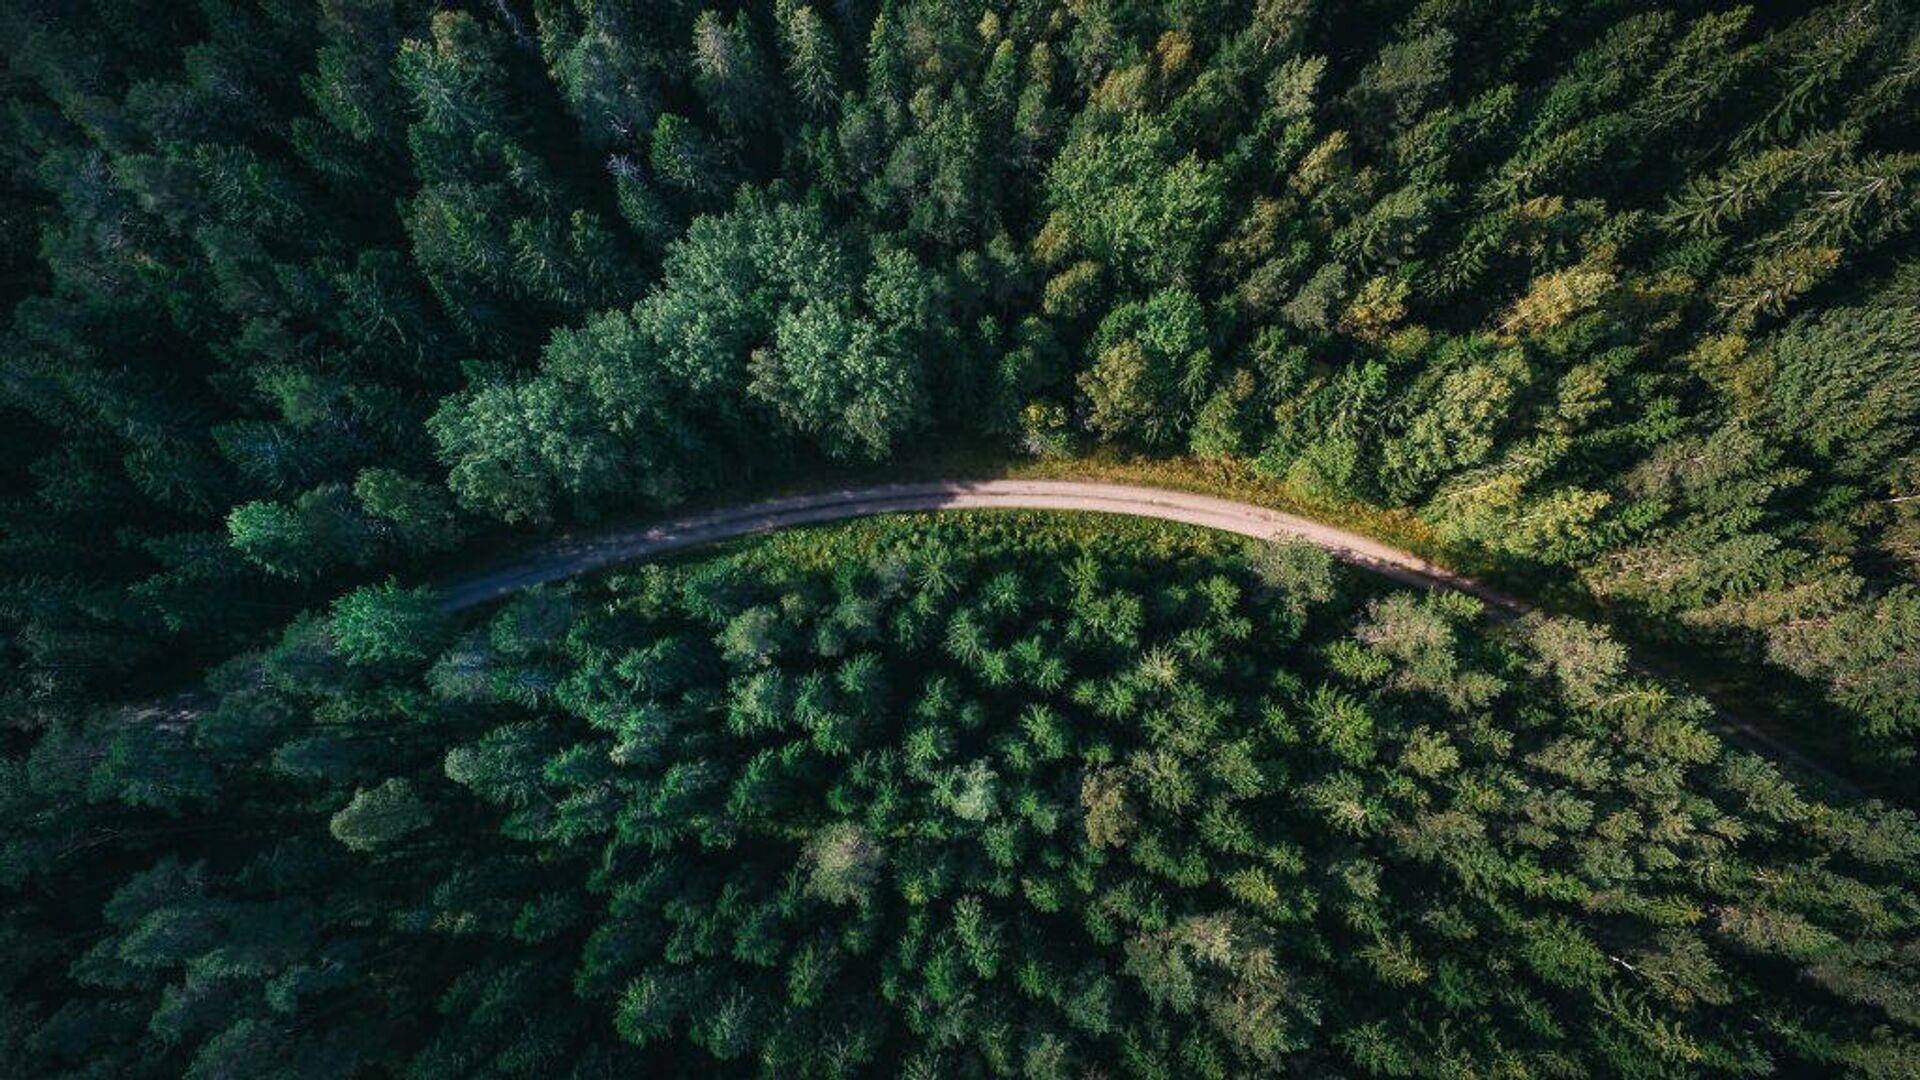 Вид на лес с высоты птичьего полета - РИА Новости, 1920, 10.09.2020